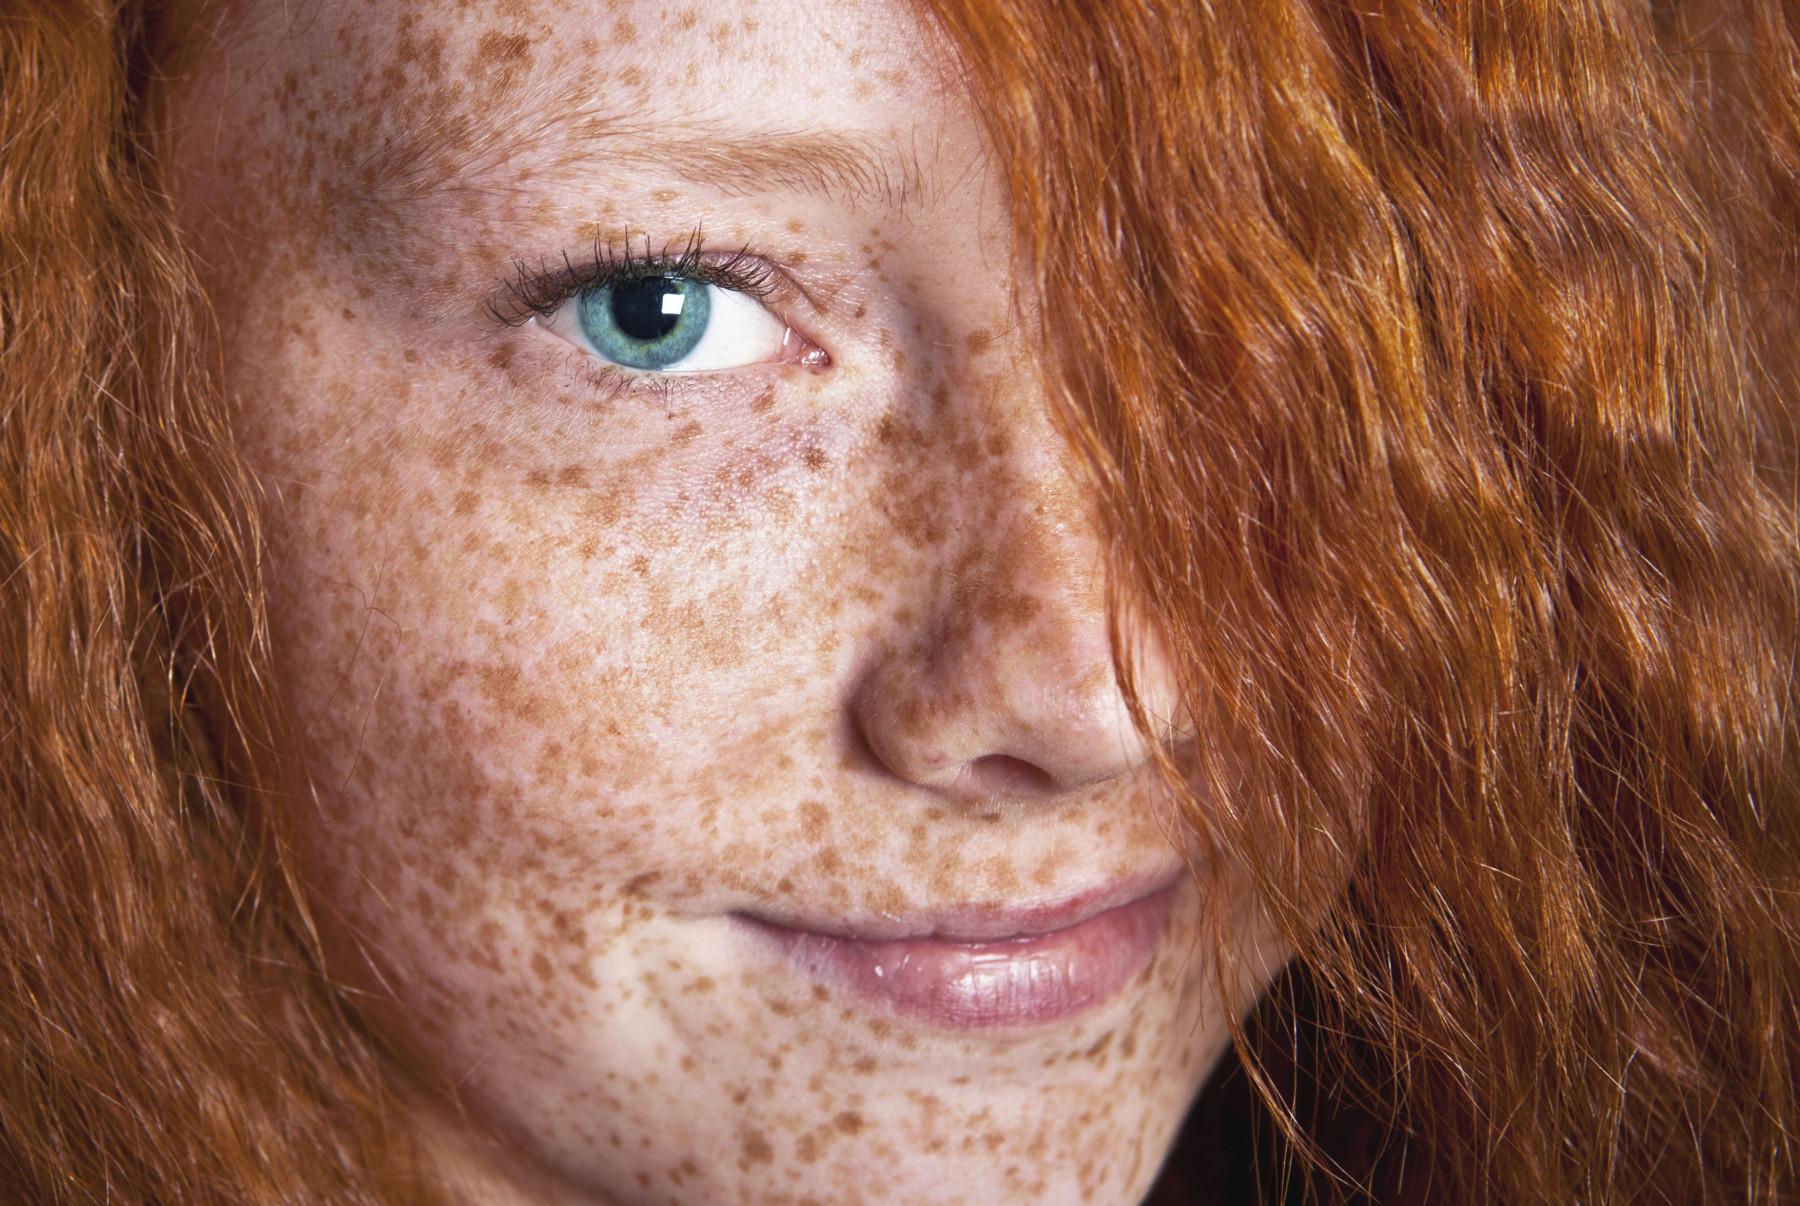 веснушки кожи фото